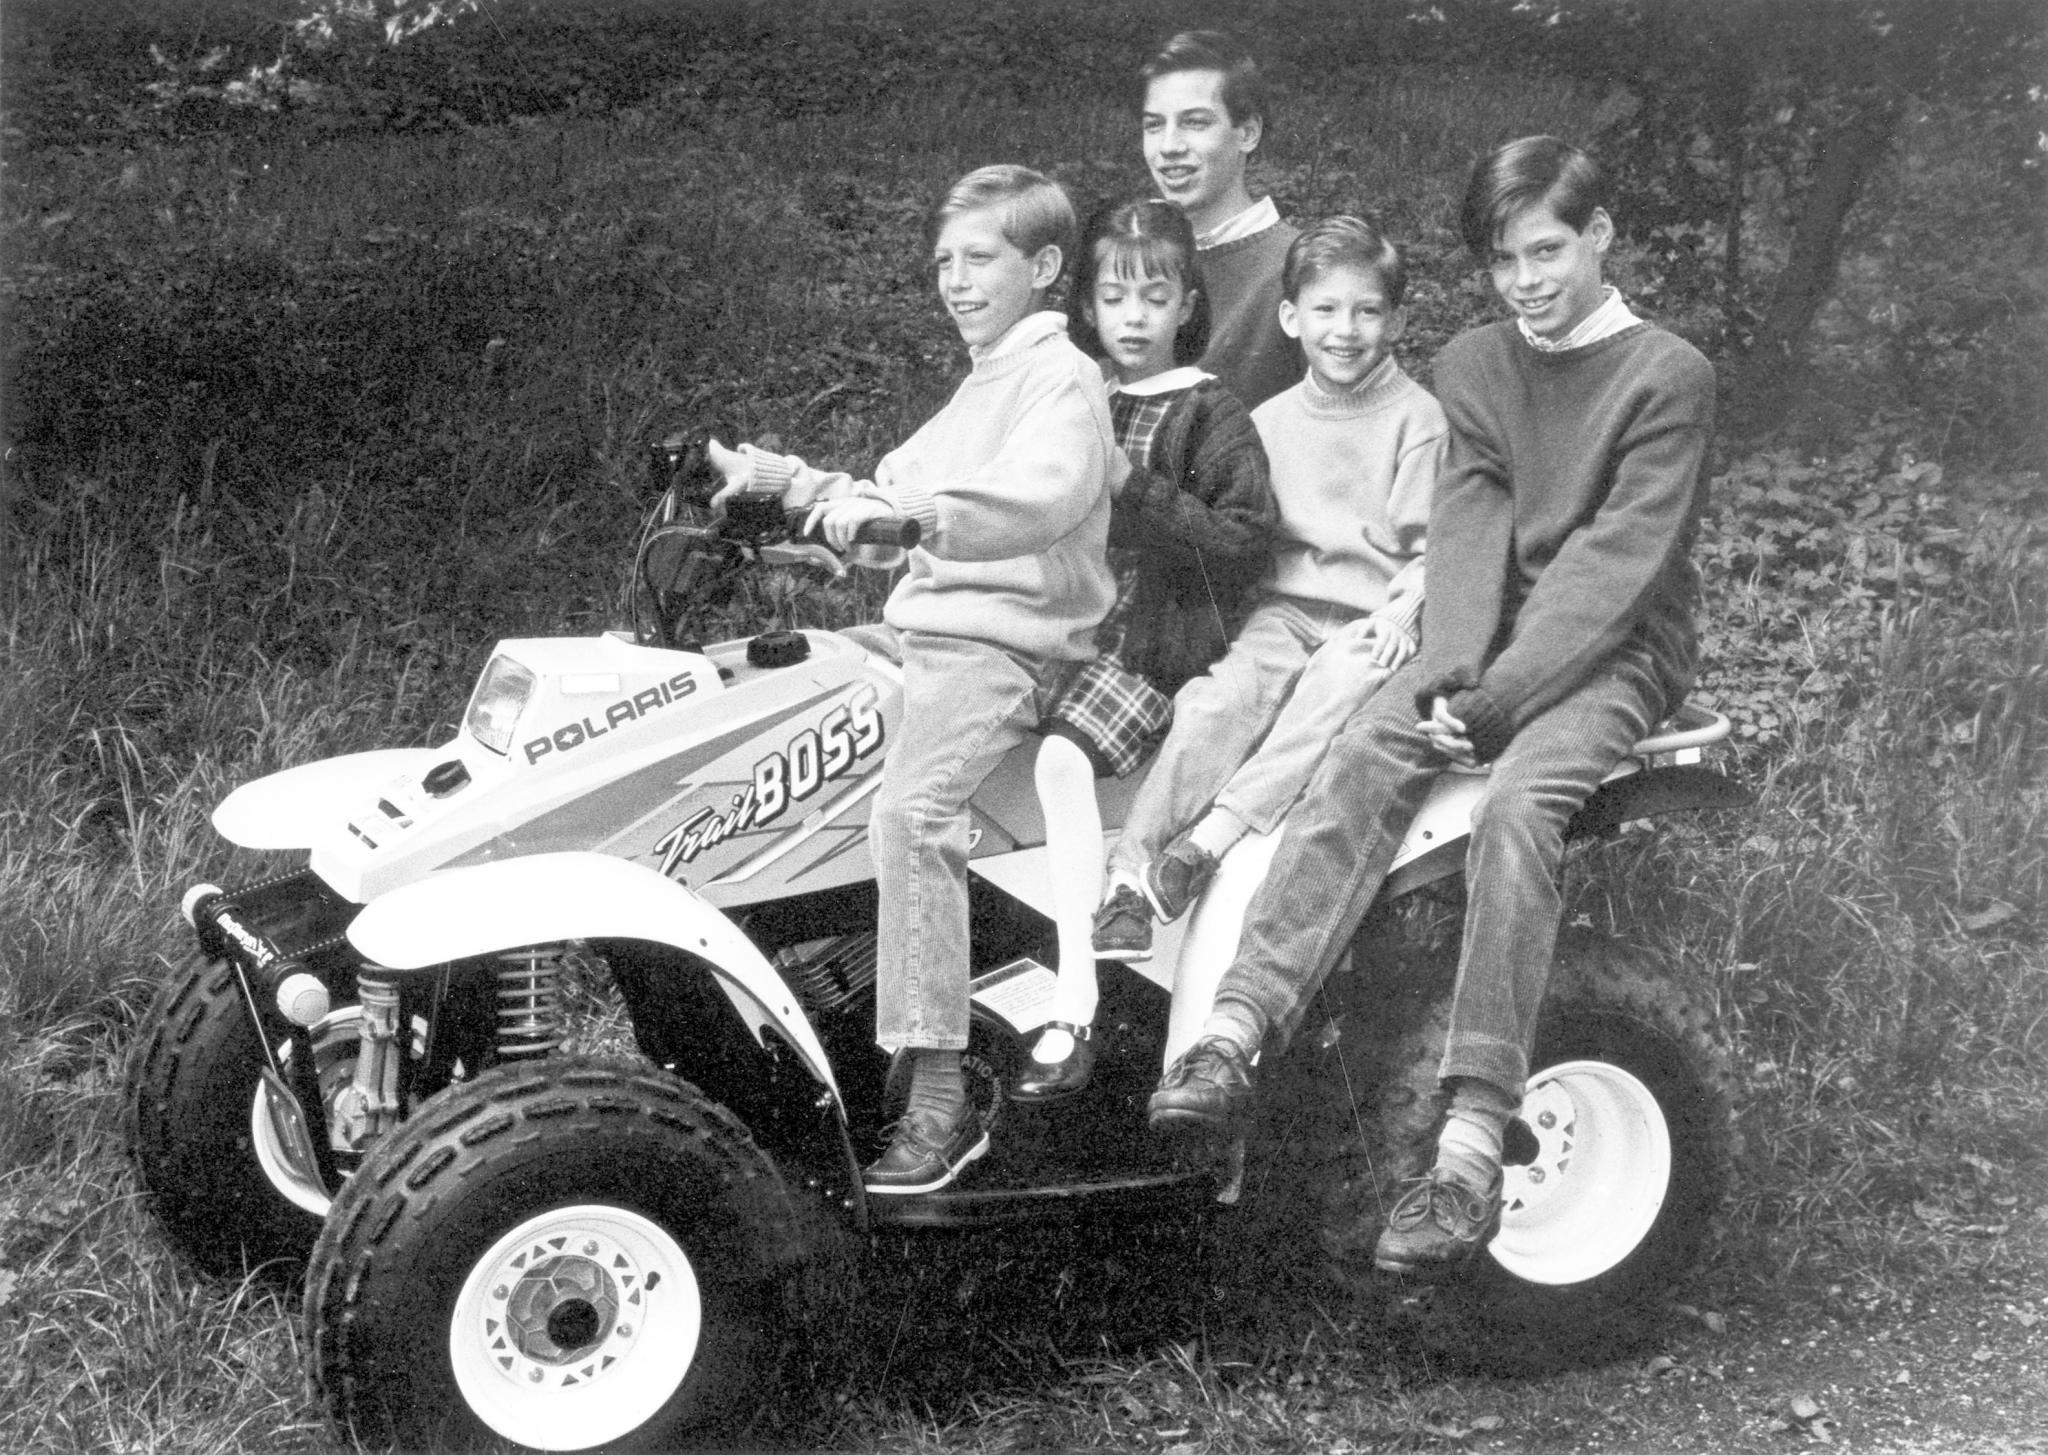 Das Aufwachsen unter Brüdern war für Prinzessin Alexandra sicher nicht immer leicht: Bei dieser Quad-Tour aus dem Jahr 1996 sieht sie zwischen ihren Brüdern Louis, Guillaume, Sebastien und Felix eingeklemmt nicht gerade von der Situation überzeugt aus.